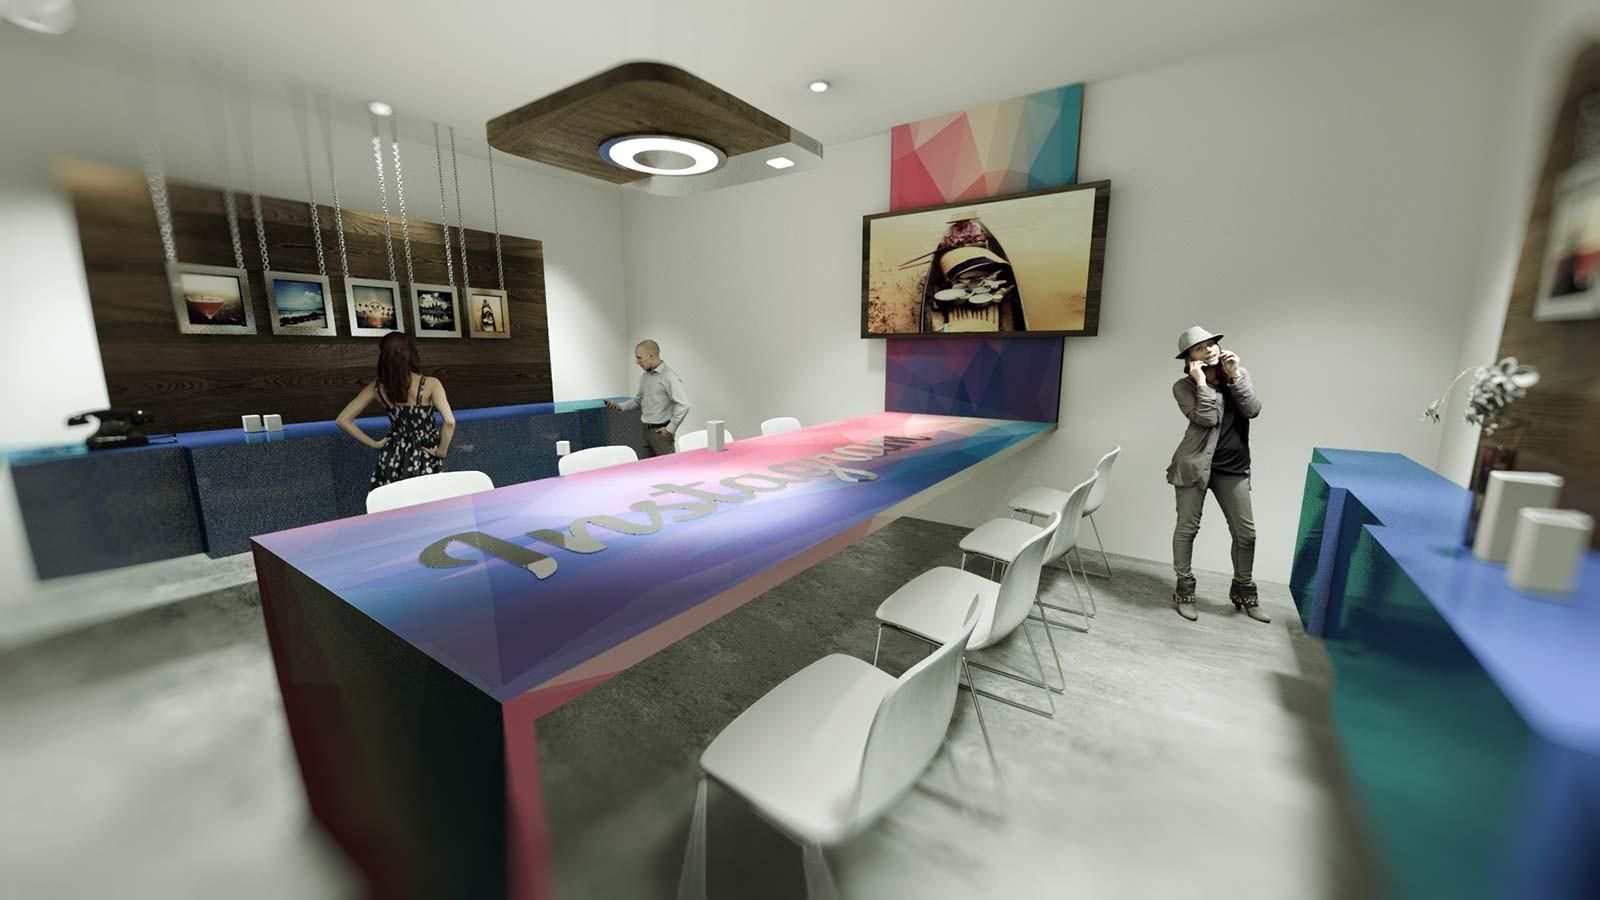 Showroom Instagram - Architekturvisualisierung Innen